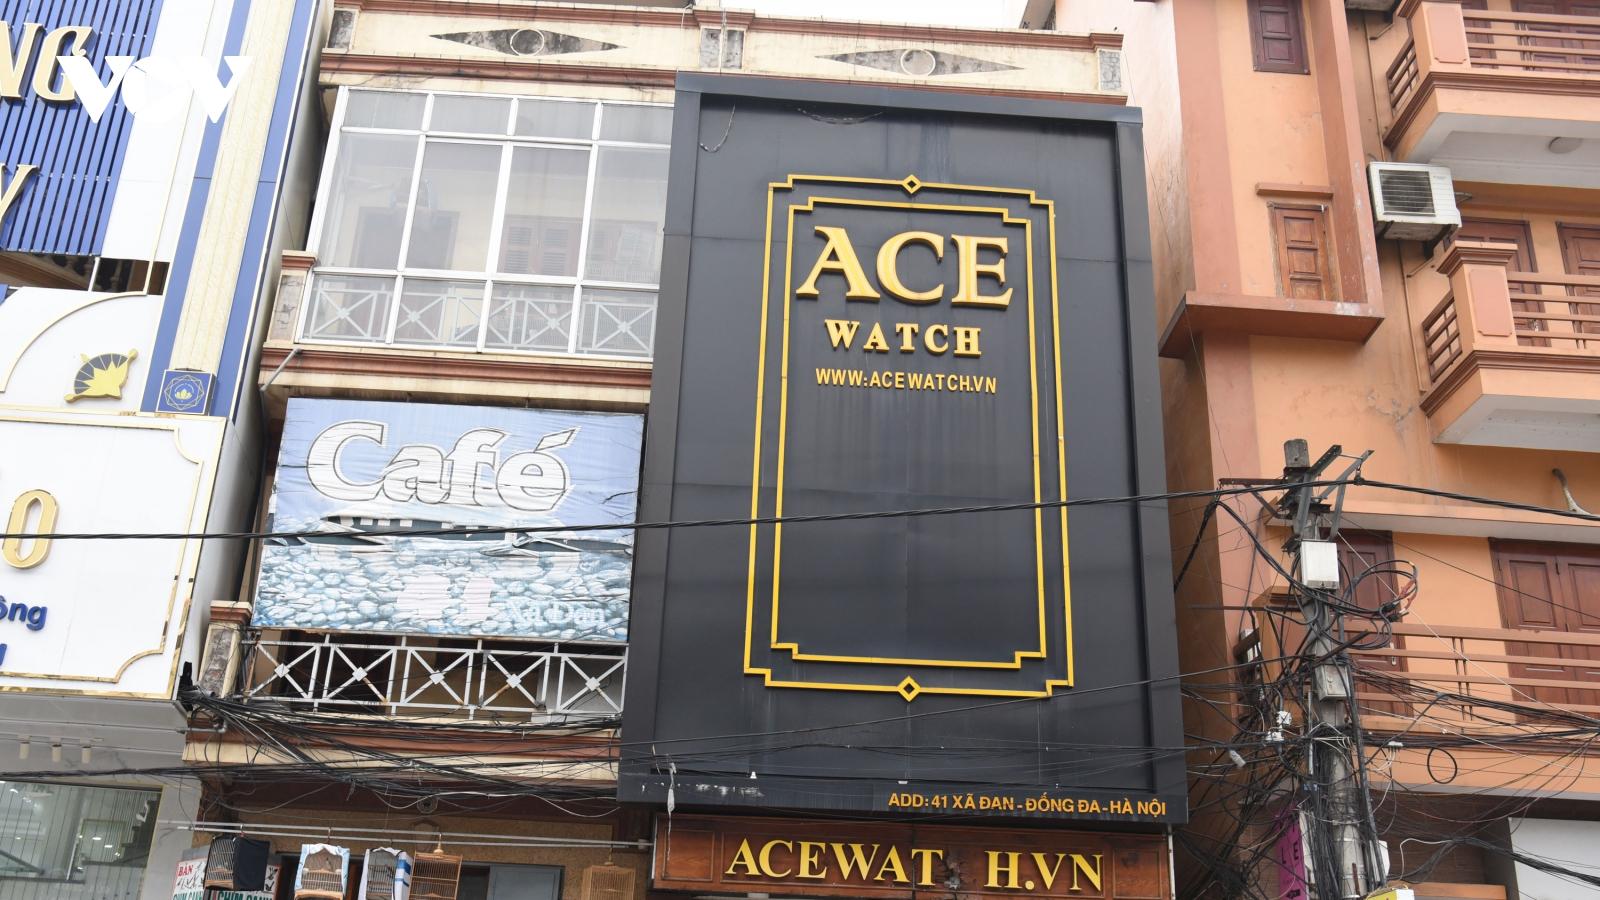 Biển quảng cáo che kín nhà, cản trở cứu nạn cứu hộ khi xảy ra hoả hoạn